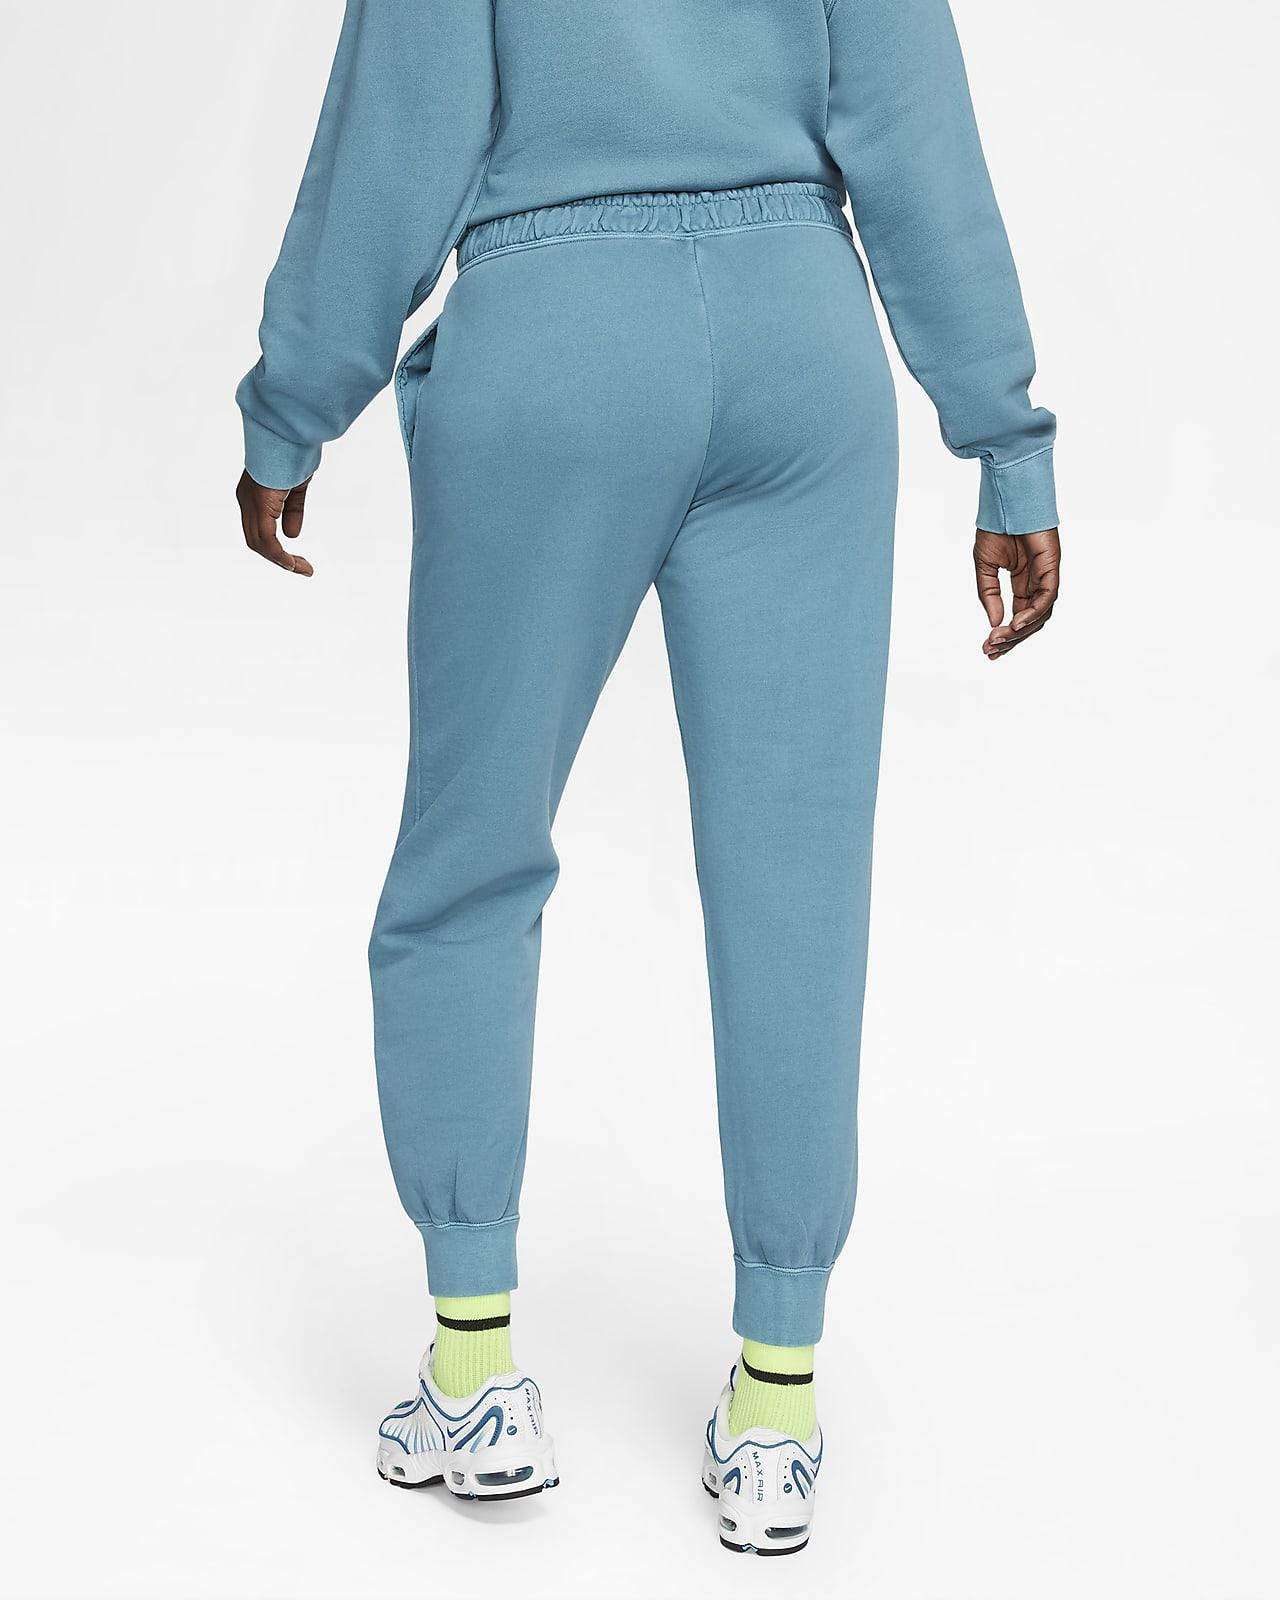 Nike Sportswear Women's French Terry Pants